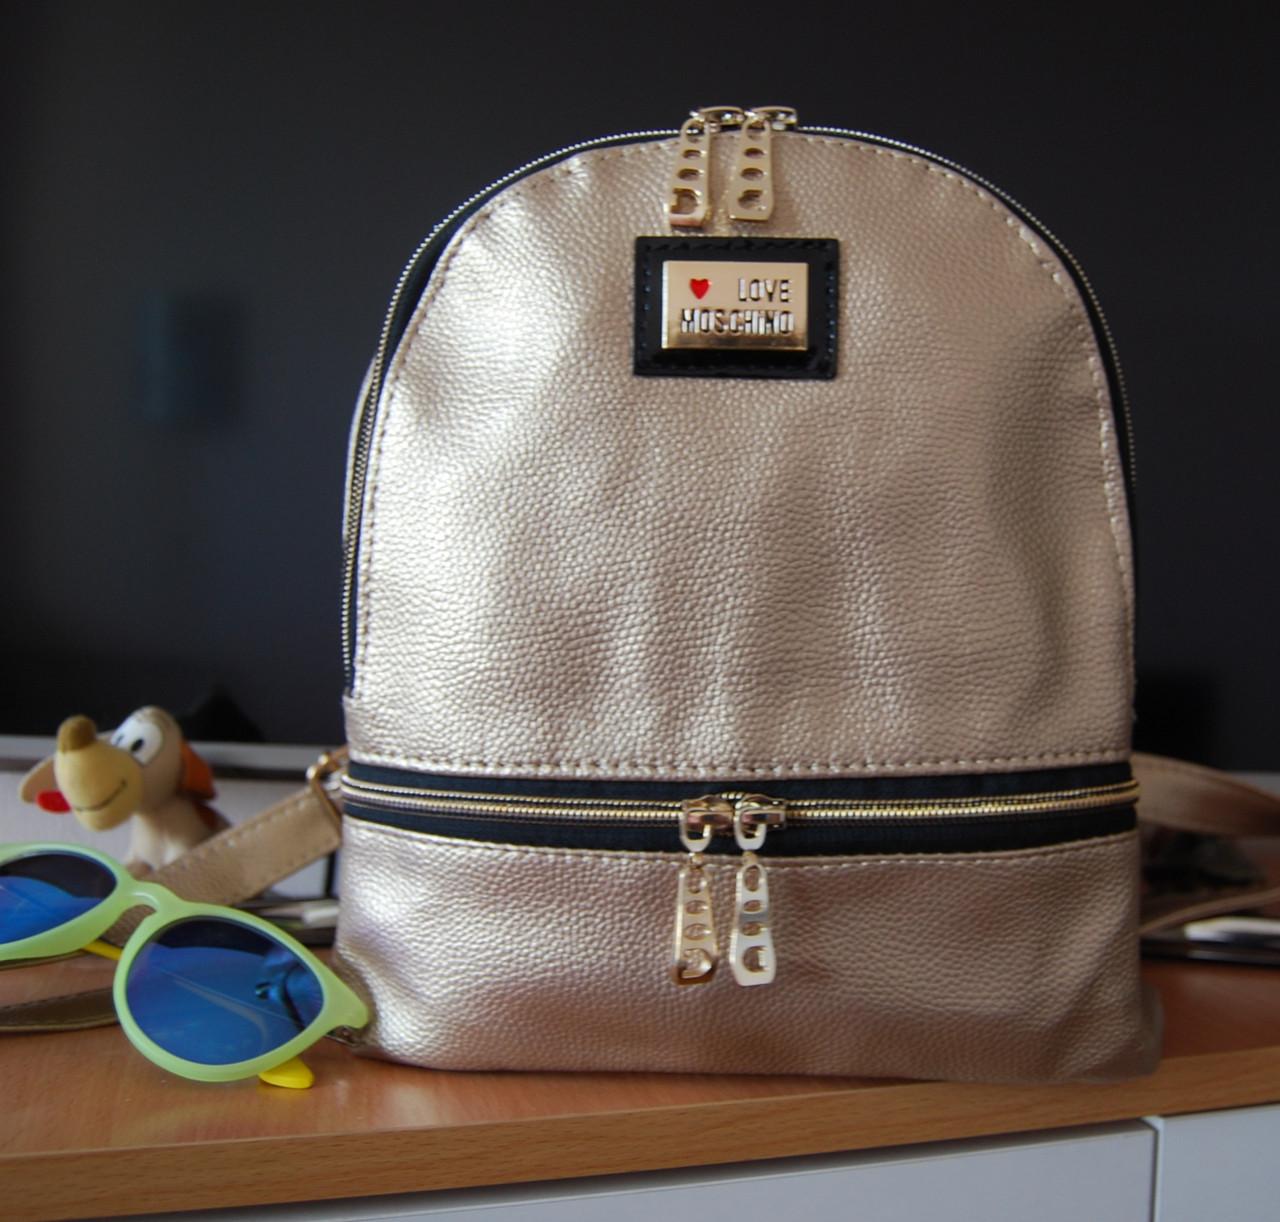 Женский рюкзак Moschino. Городской рюкзак. Стильный рюкзак. Молодёжный рюкзак. Лучшие рюкзаки.